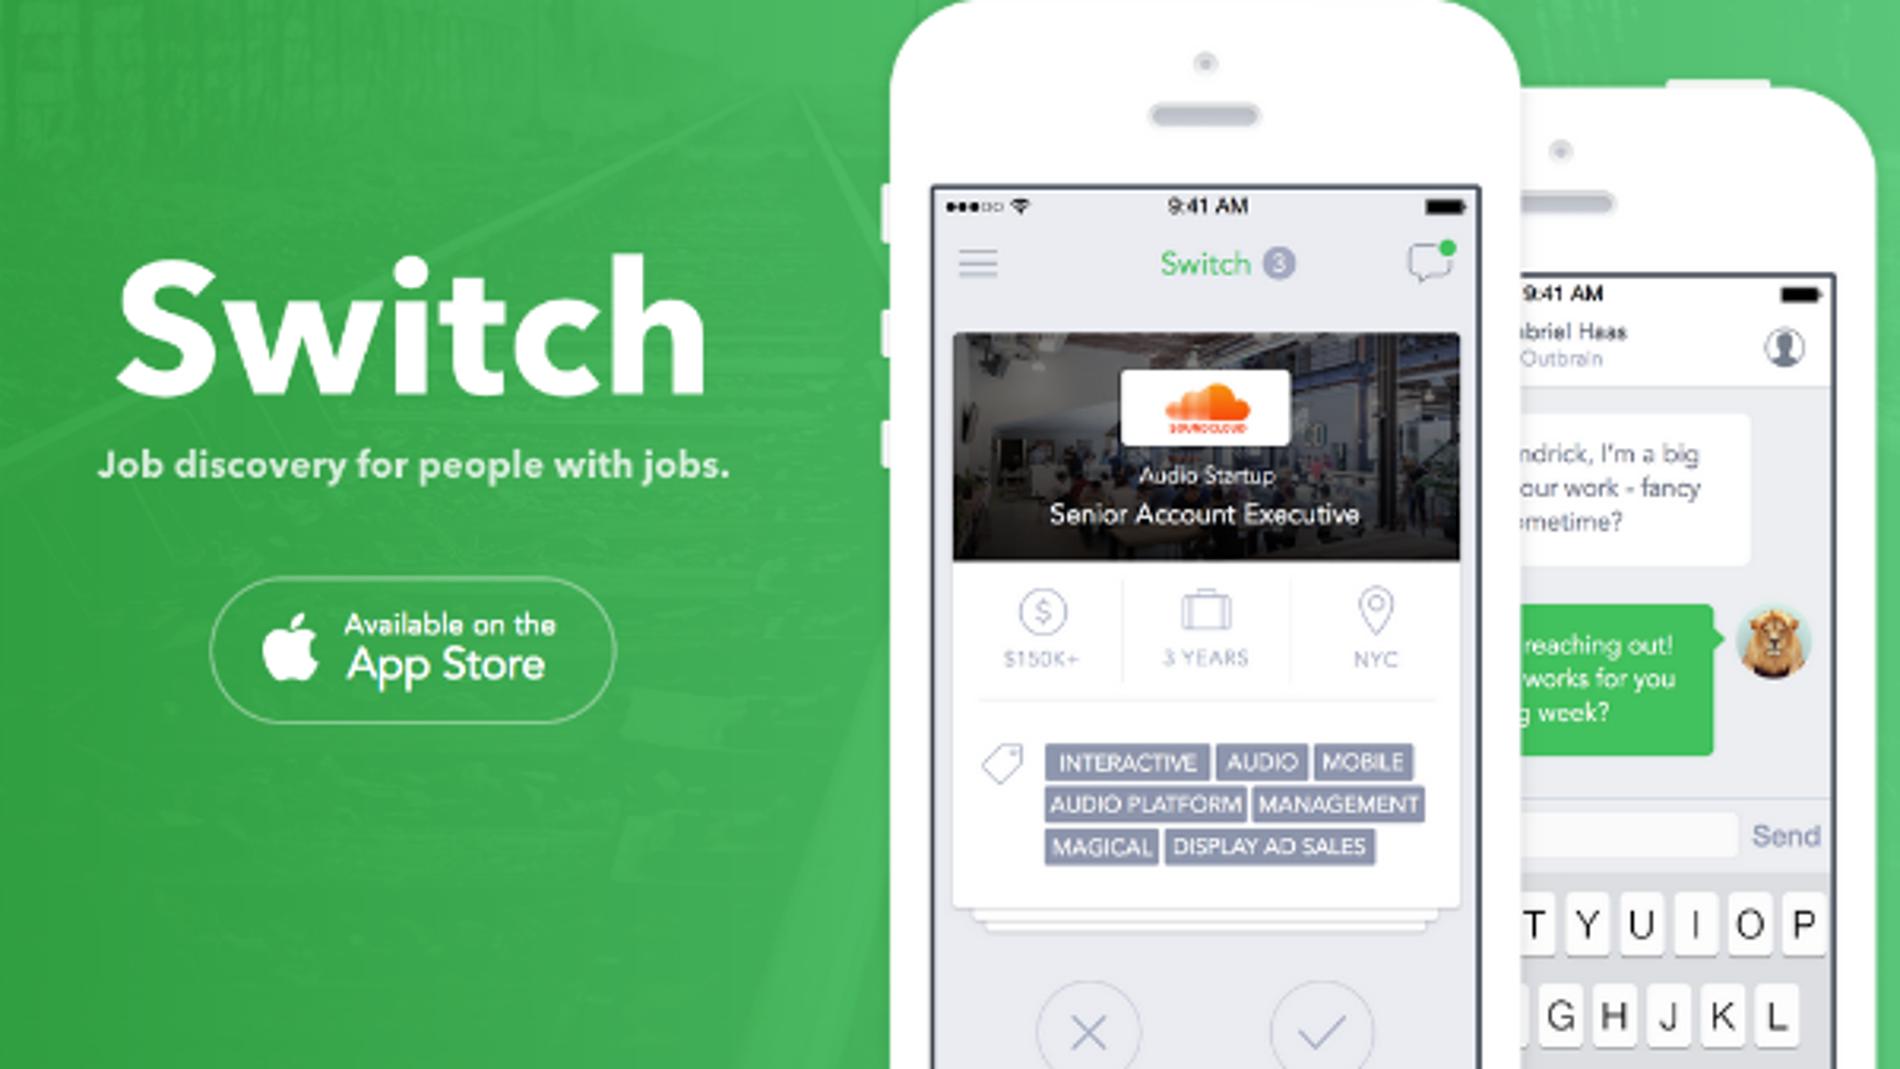 Switch, descubre trabajos como Tinder